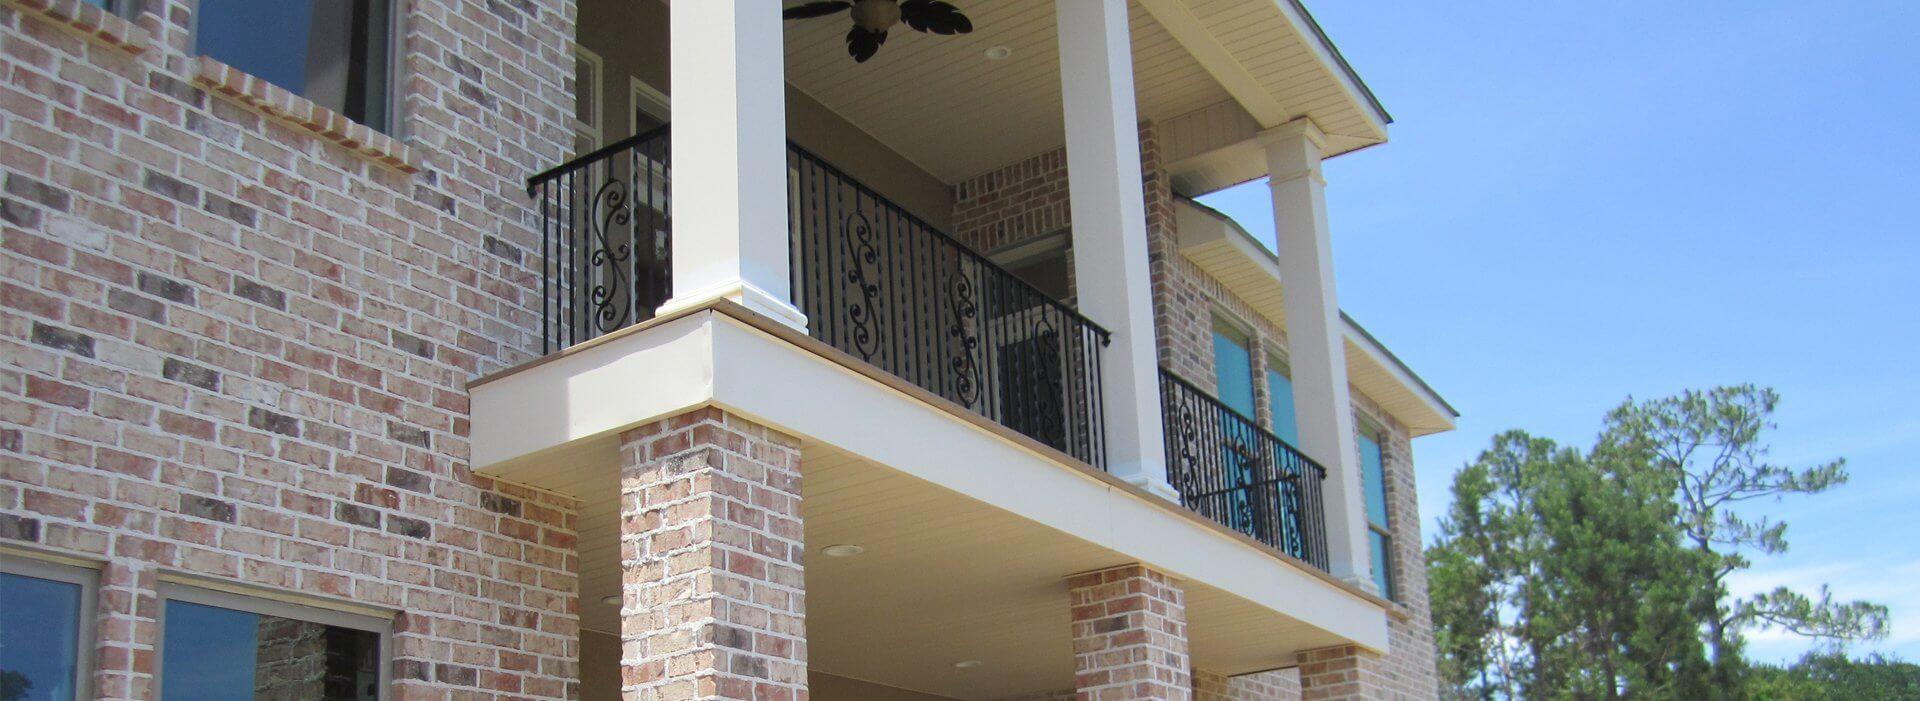 Porch Enclosures - Crescent Iron Works